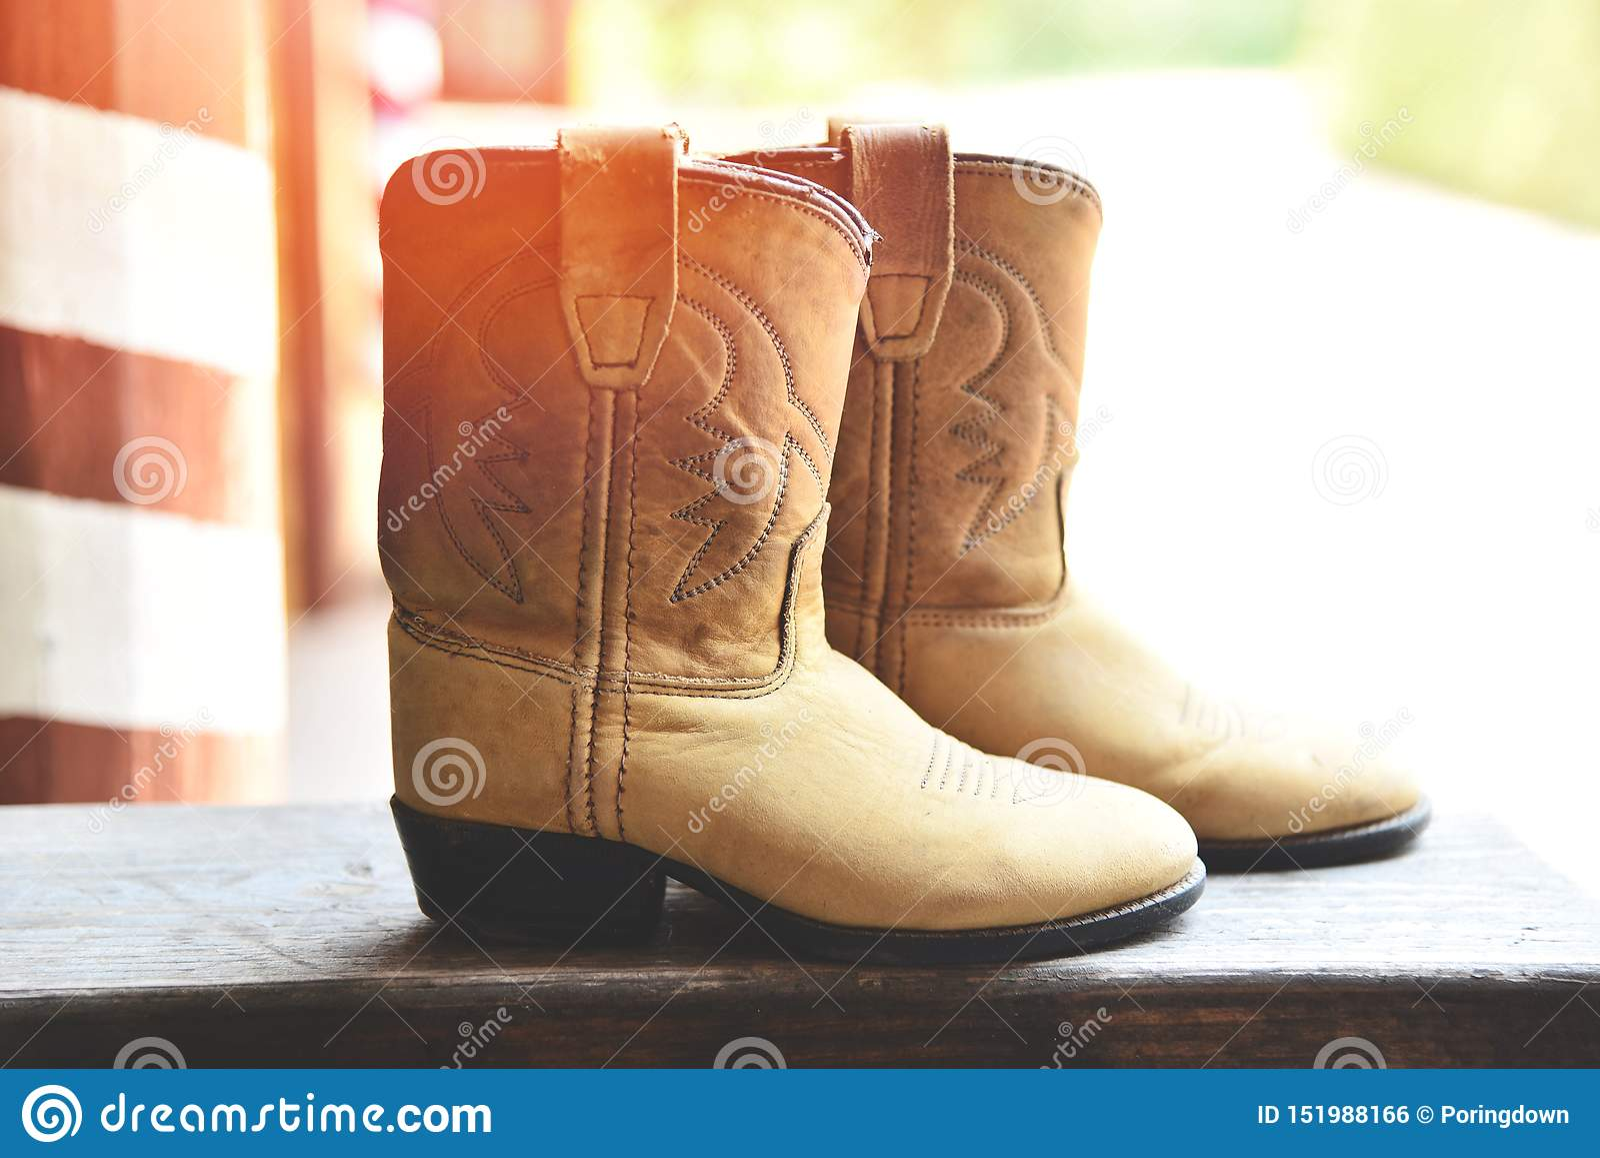 Vaquero Boots - par retro del rodeo del vaquero del oeste salvaje americano del estilo de cuero tradicional del cordelero occiden